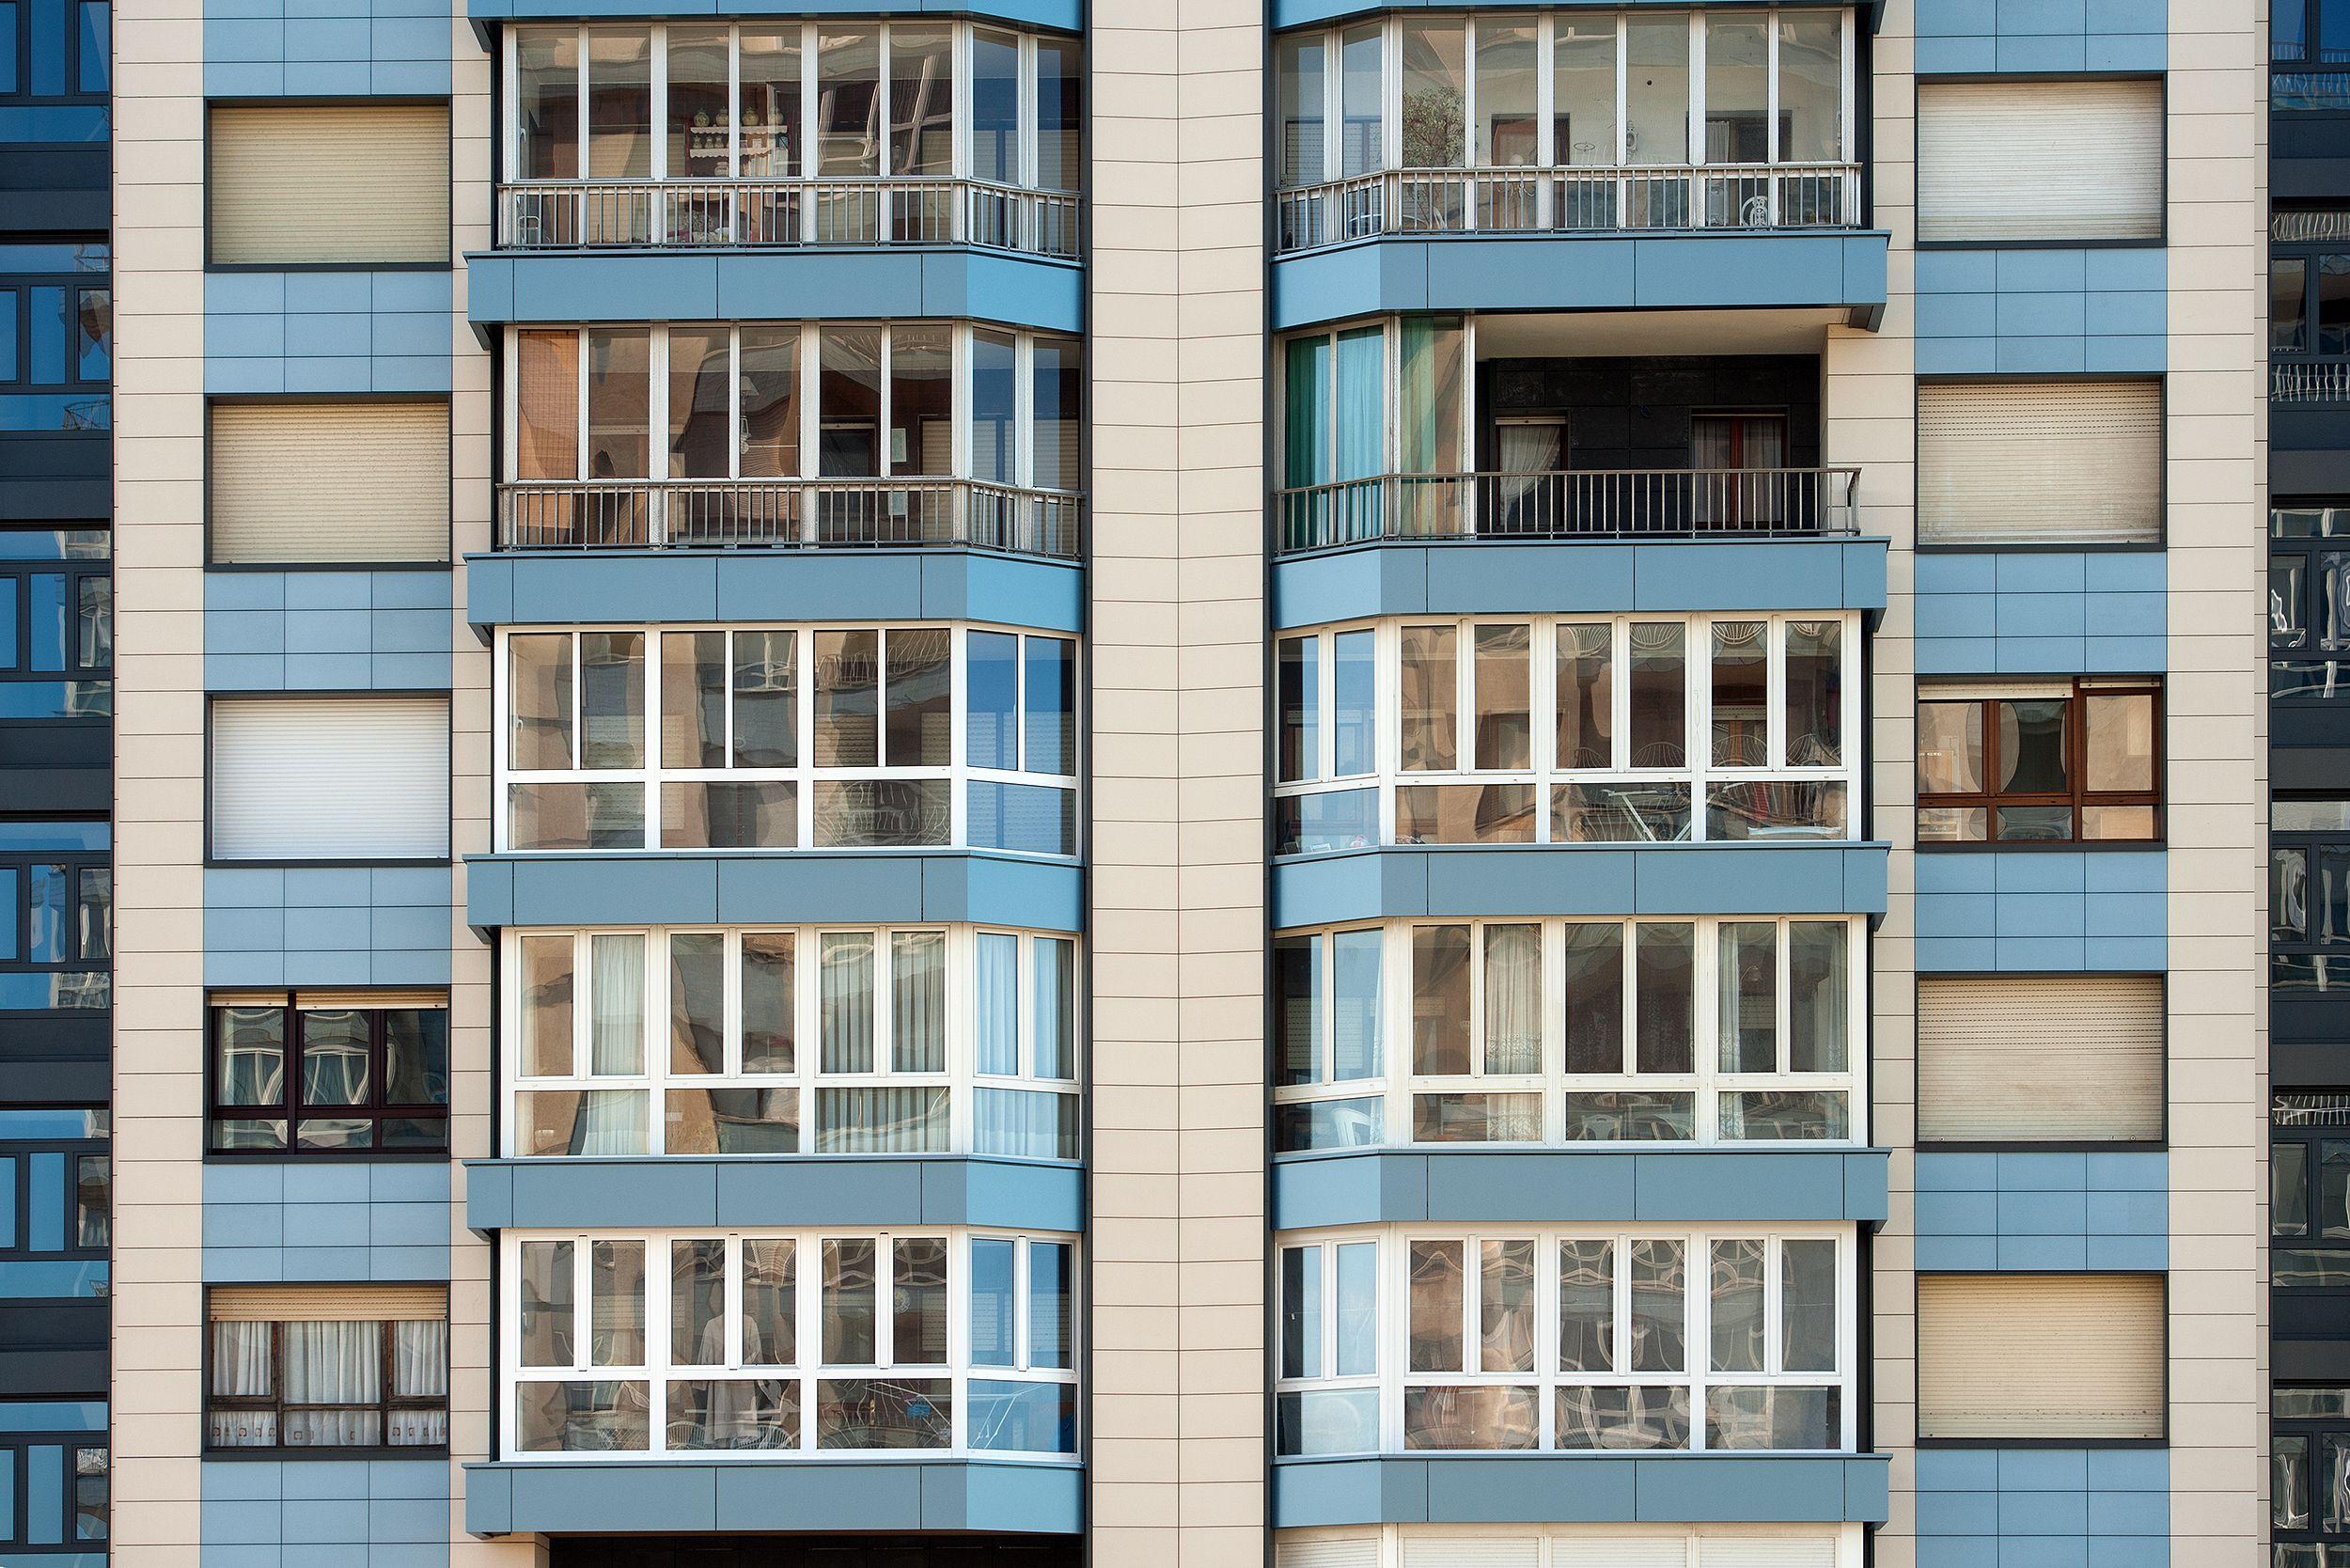 Rehabilitación de fachadas en Mieres, Asturias